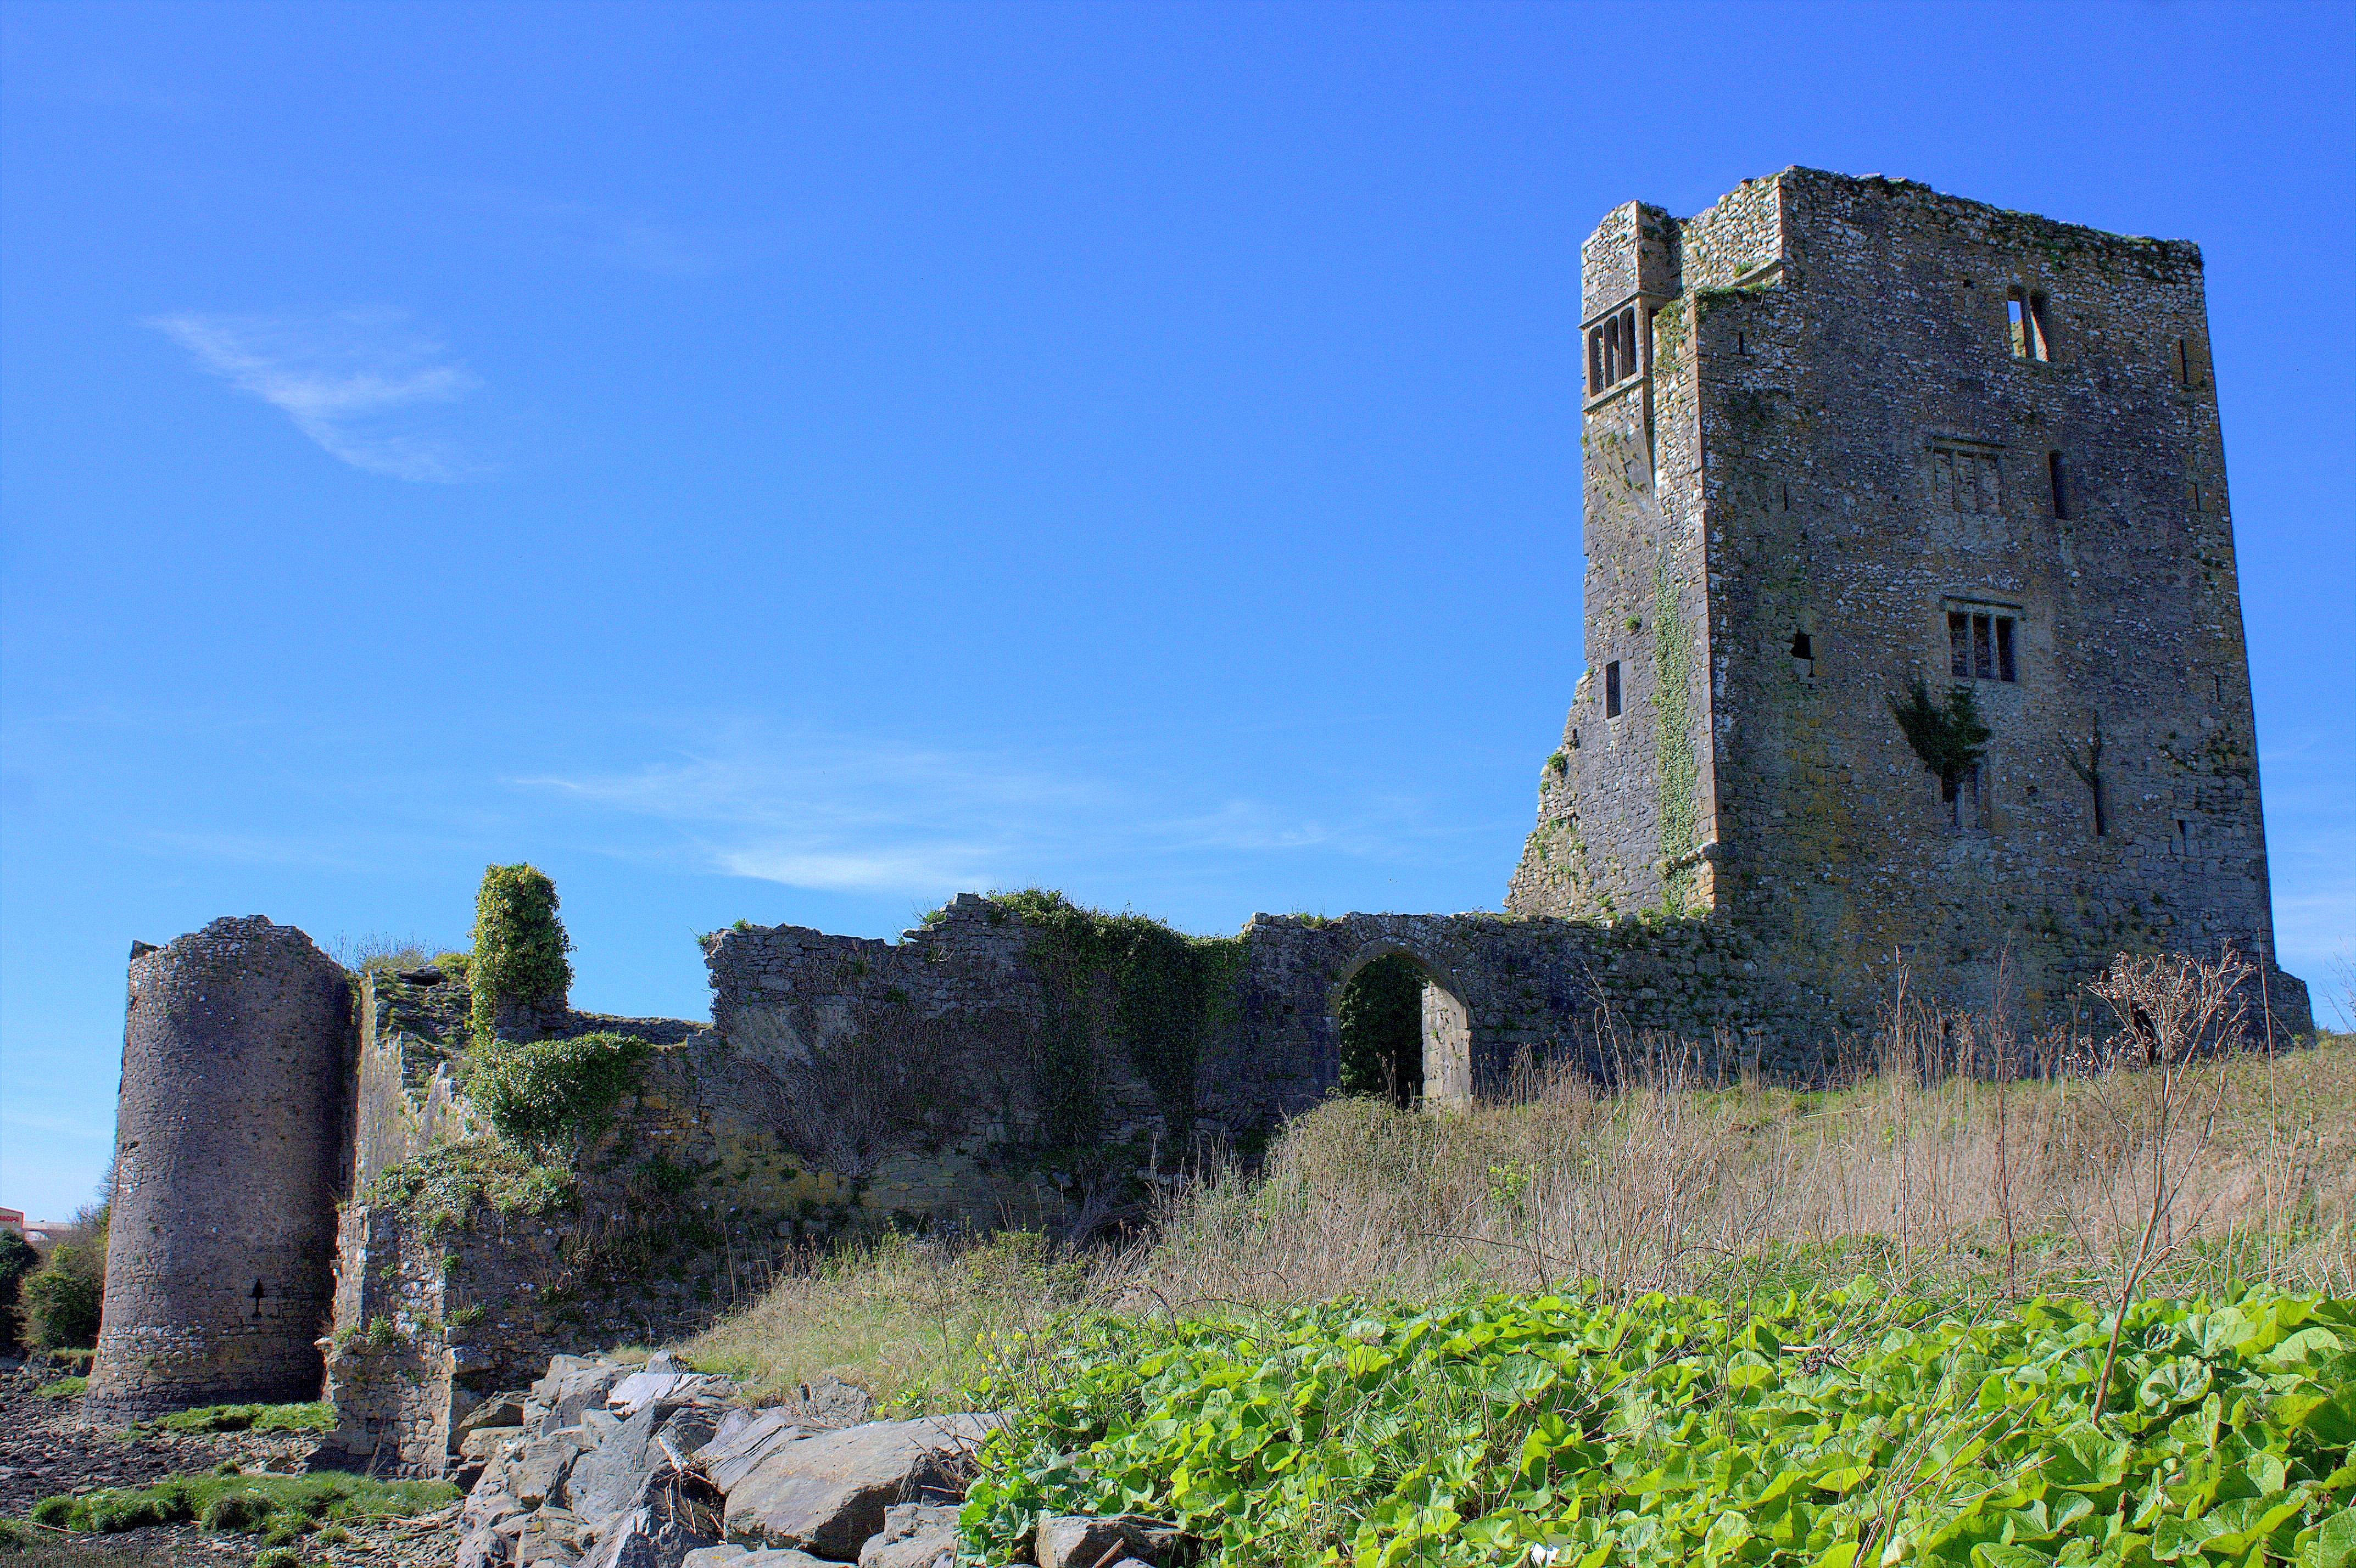 18. Grannagh Castle, Kilkenny, Ireland